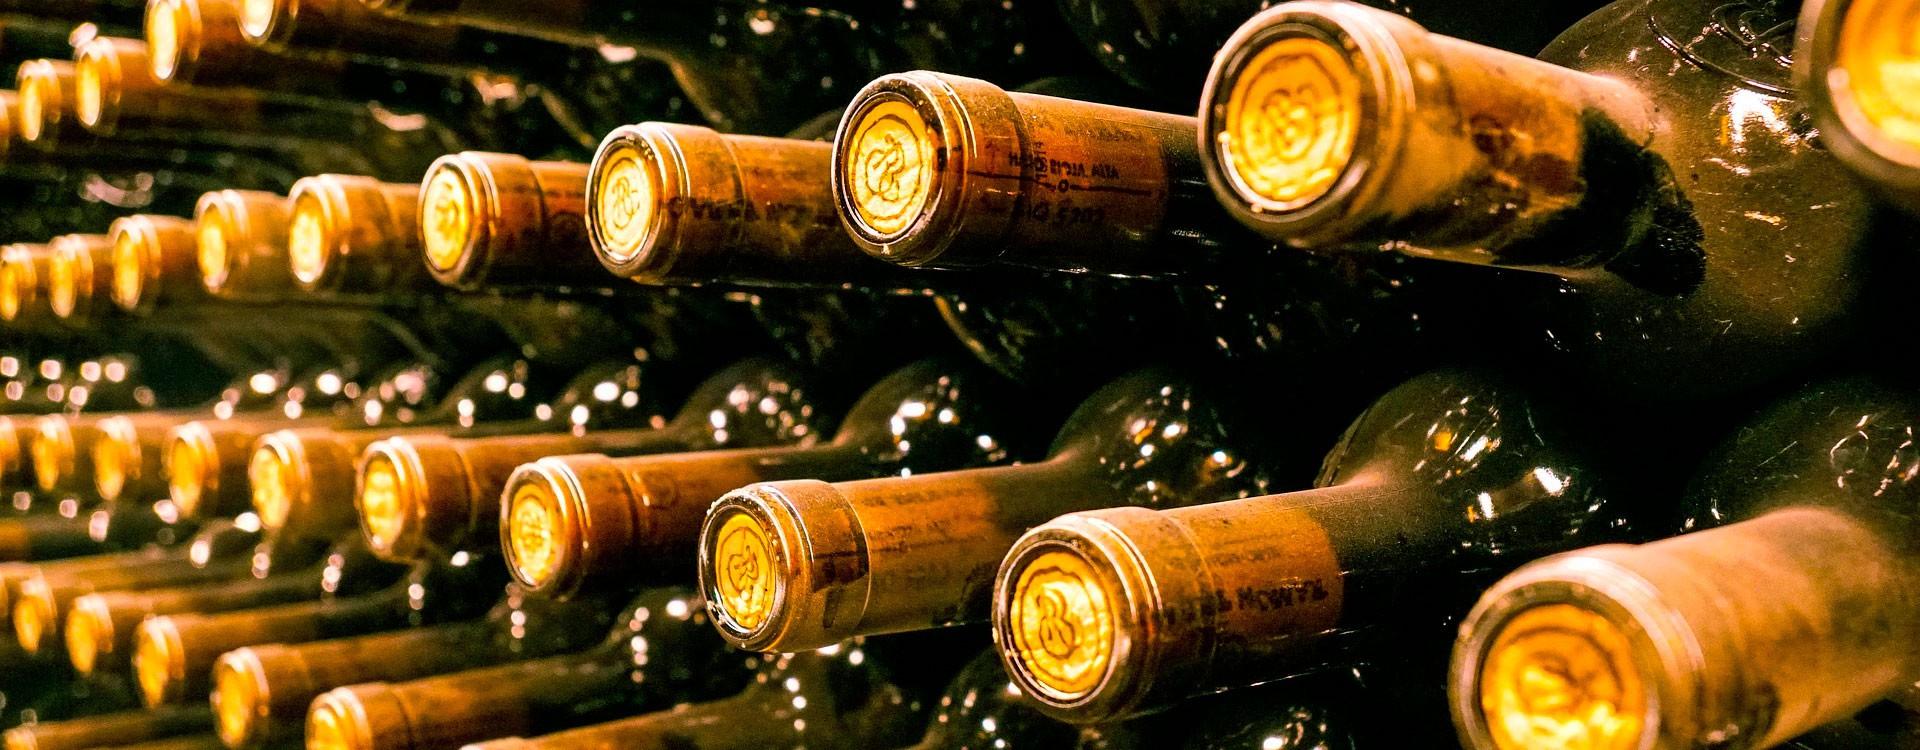 От Оккиолино до Титана: эволюция, разновидности и предназначение современных микроскопов